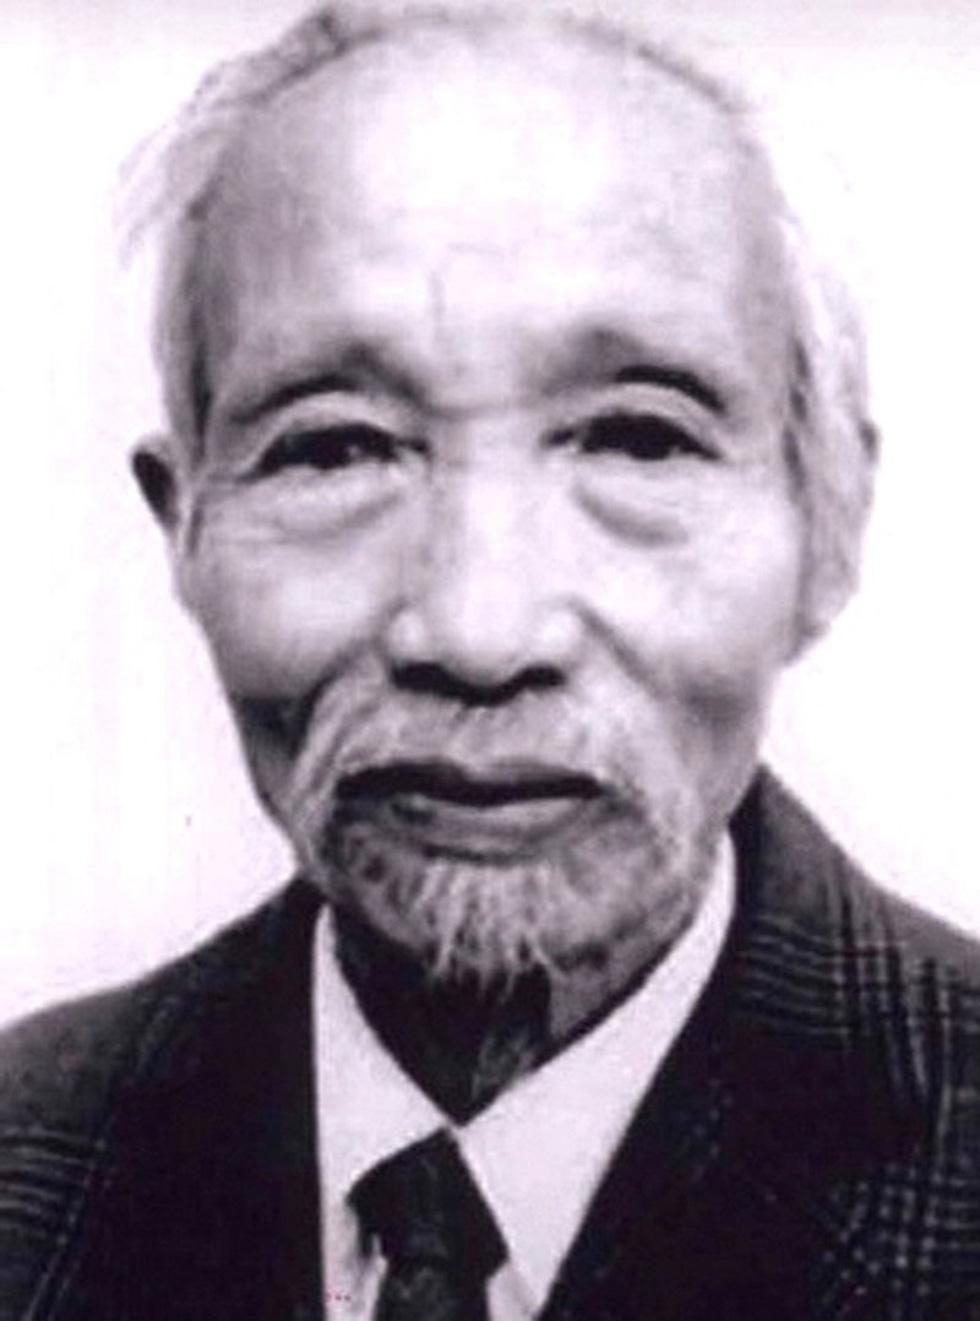 Tưởng thưởng họa sĩ Bùi Trang Chước - người vẽ thực sự Quốc huy Việt Nam - Ảnh 1.